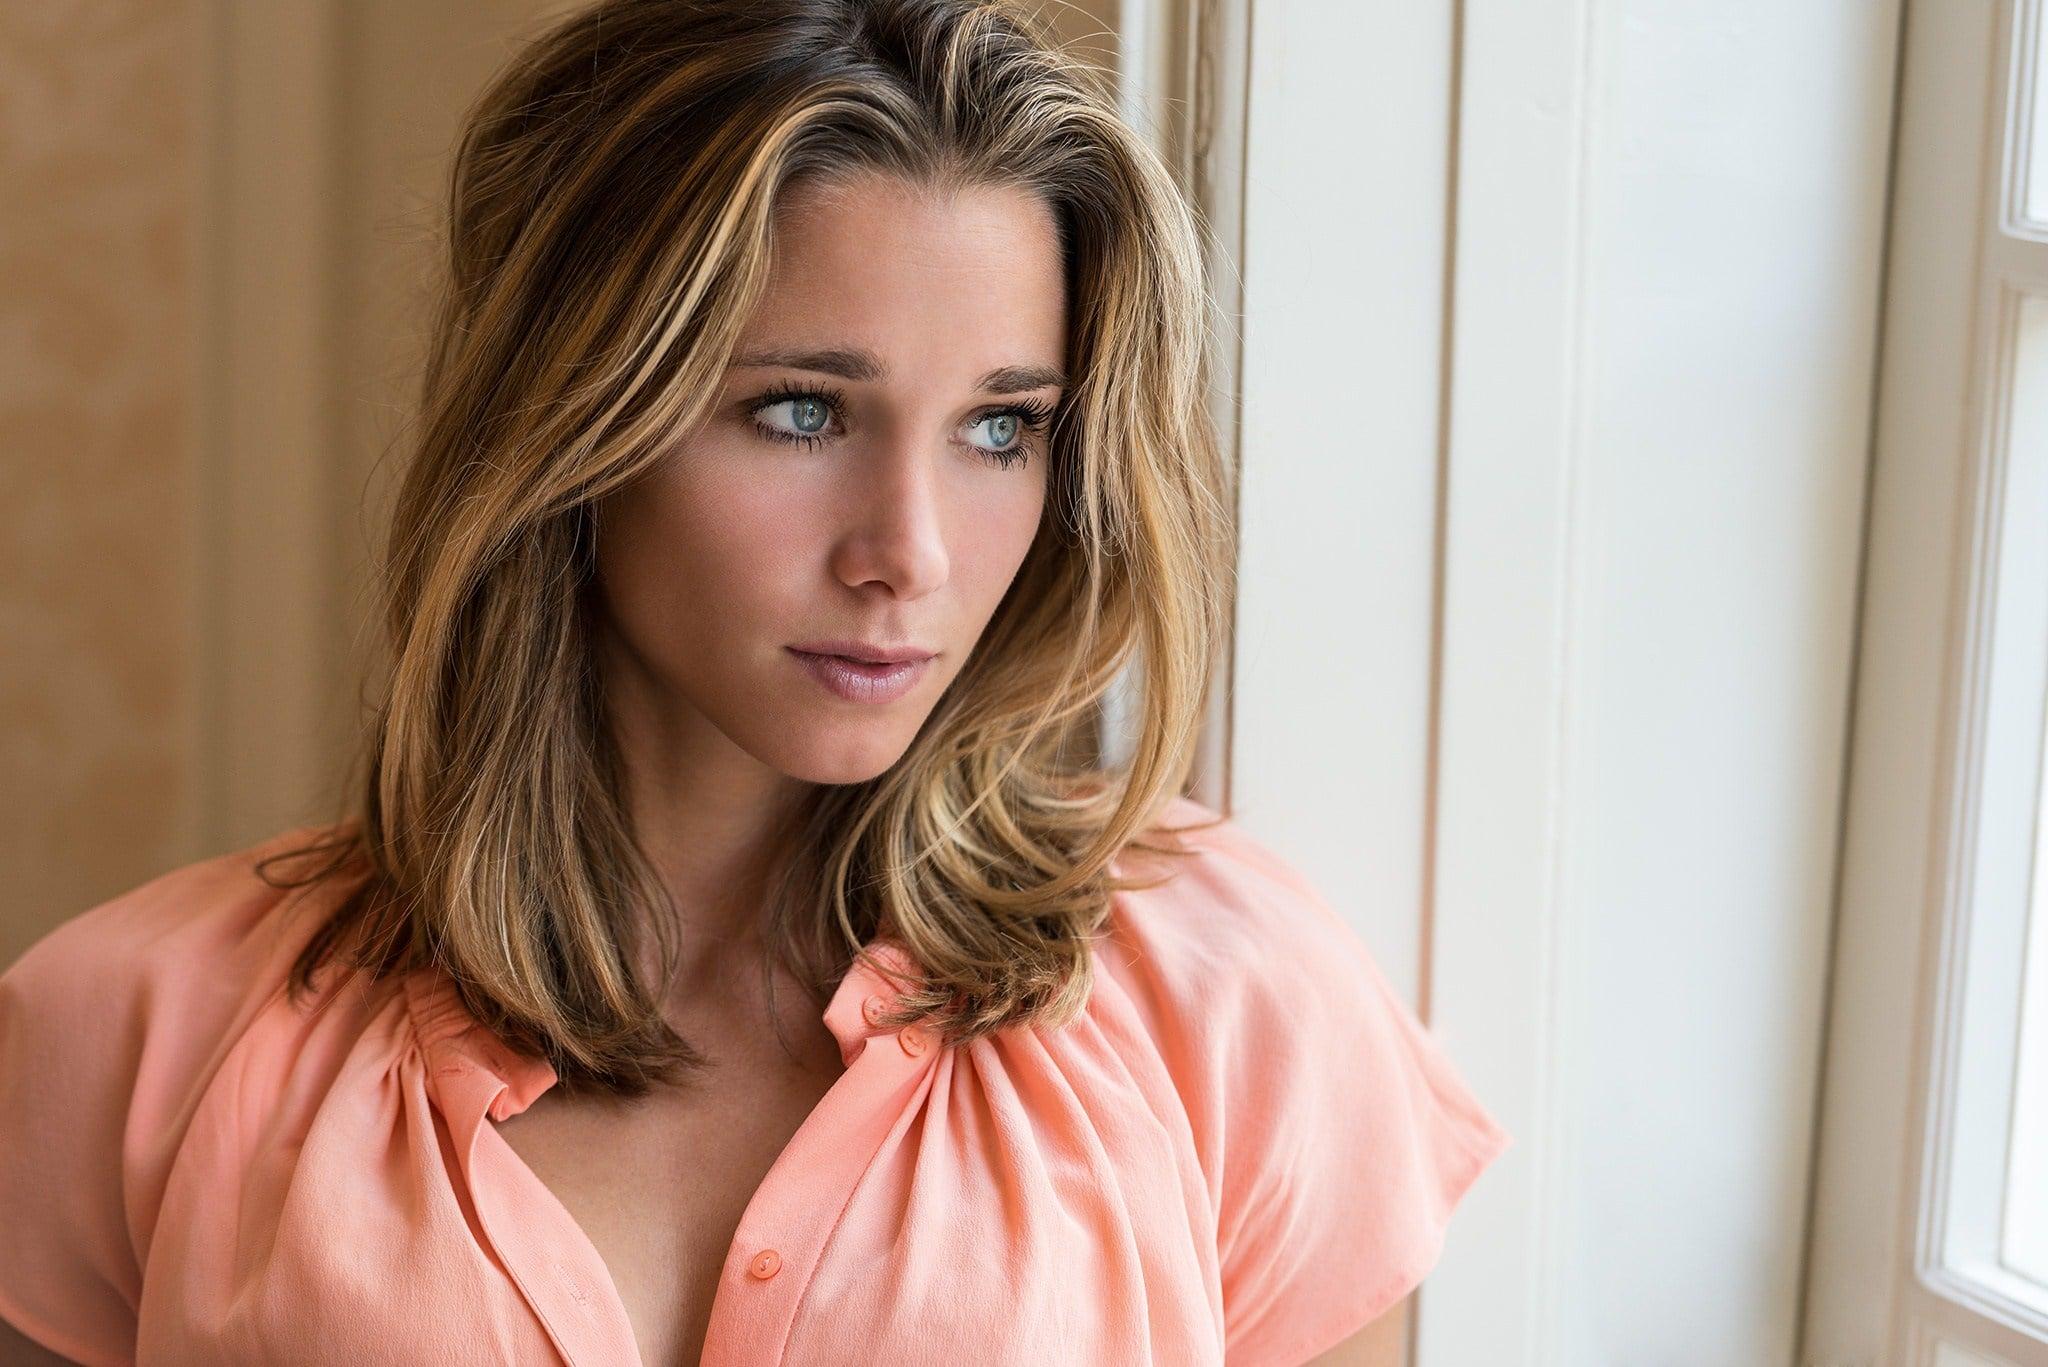 Ellen-Hoog-Hottest-Pics-13.jpg&f=1